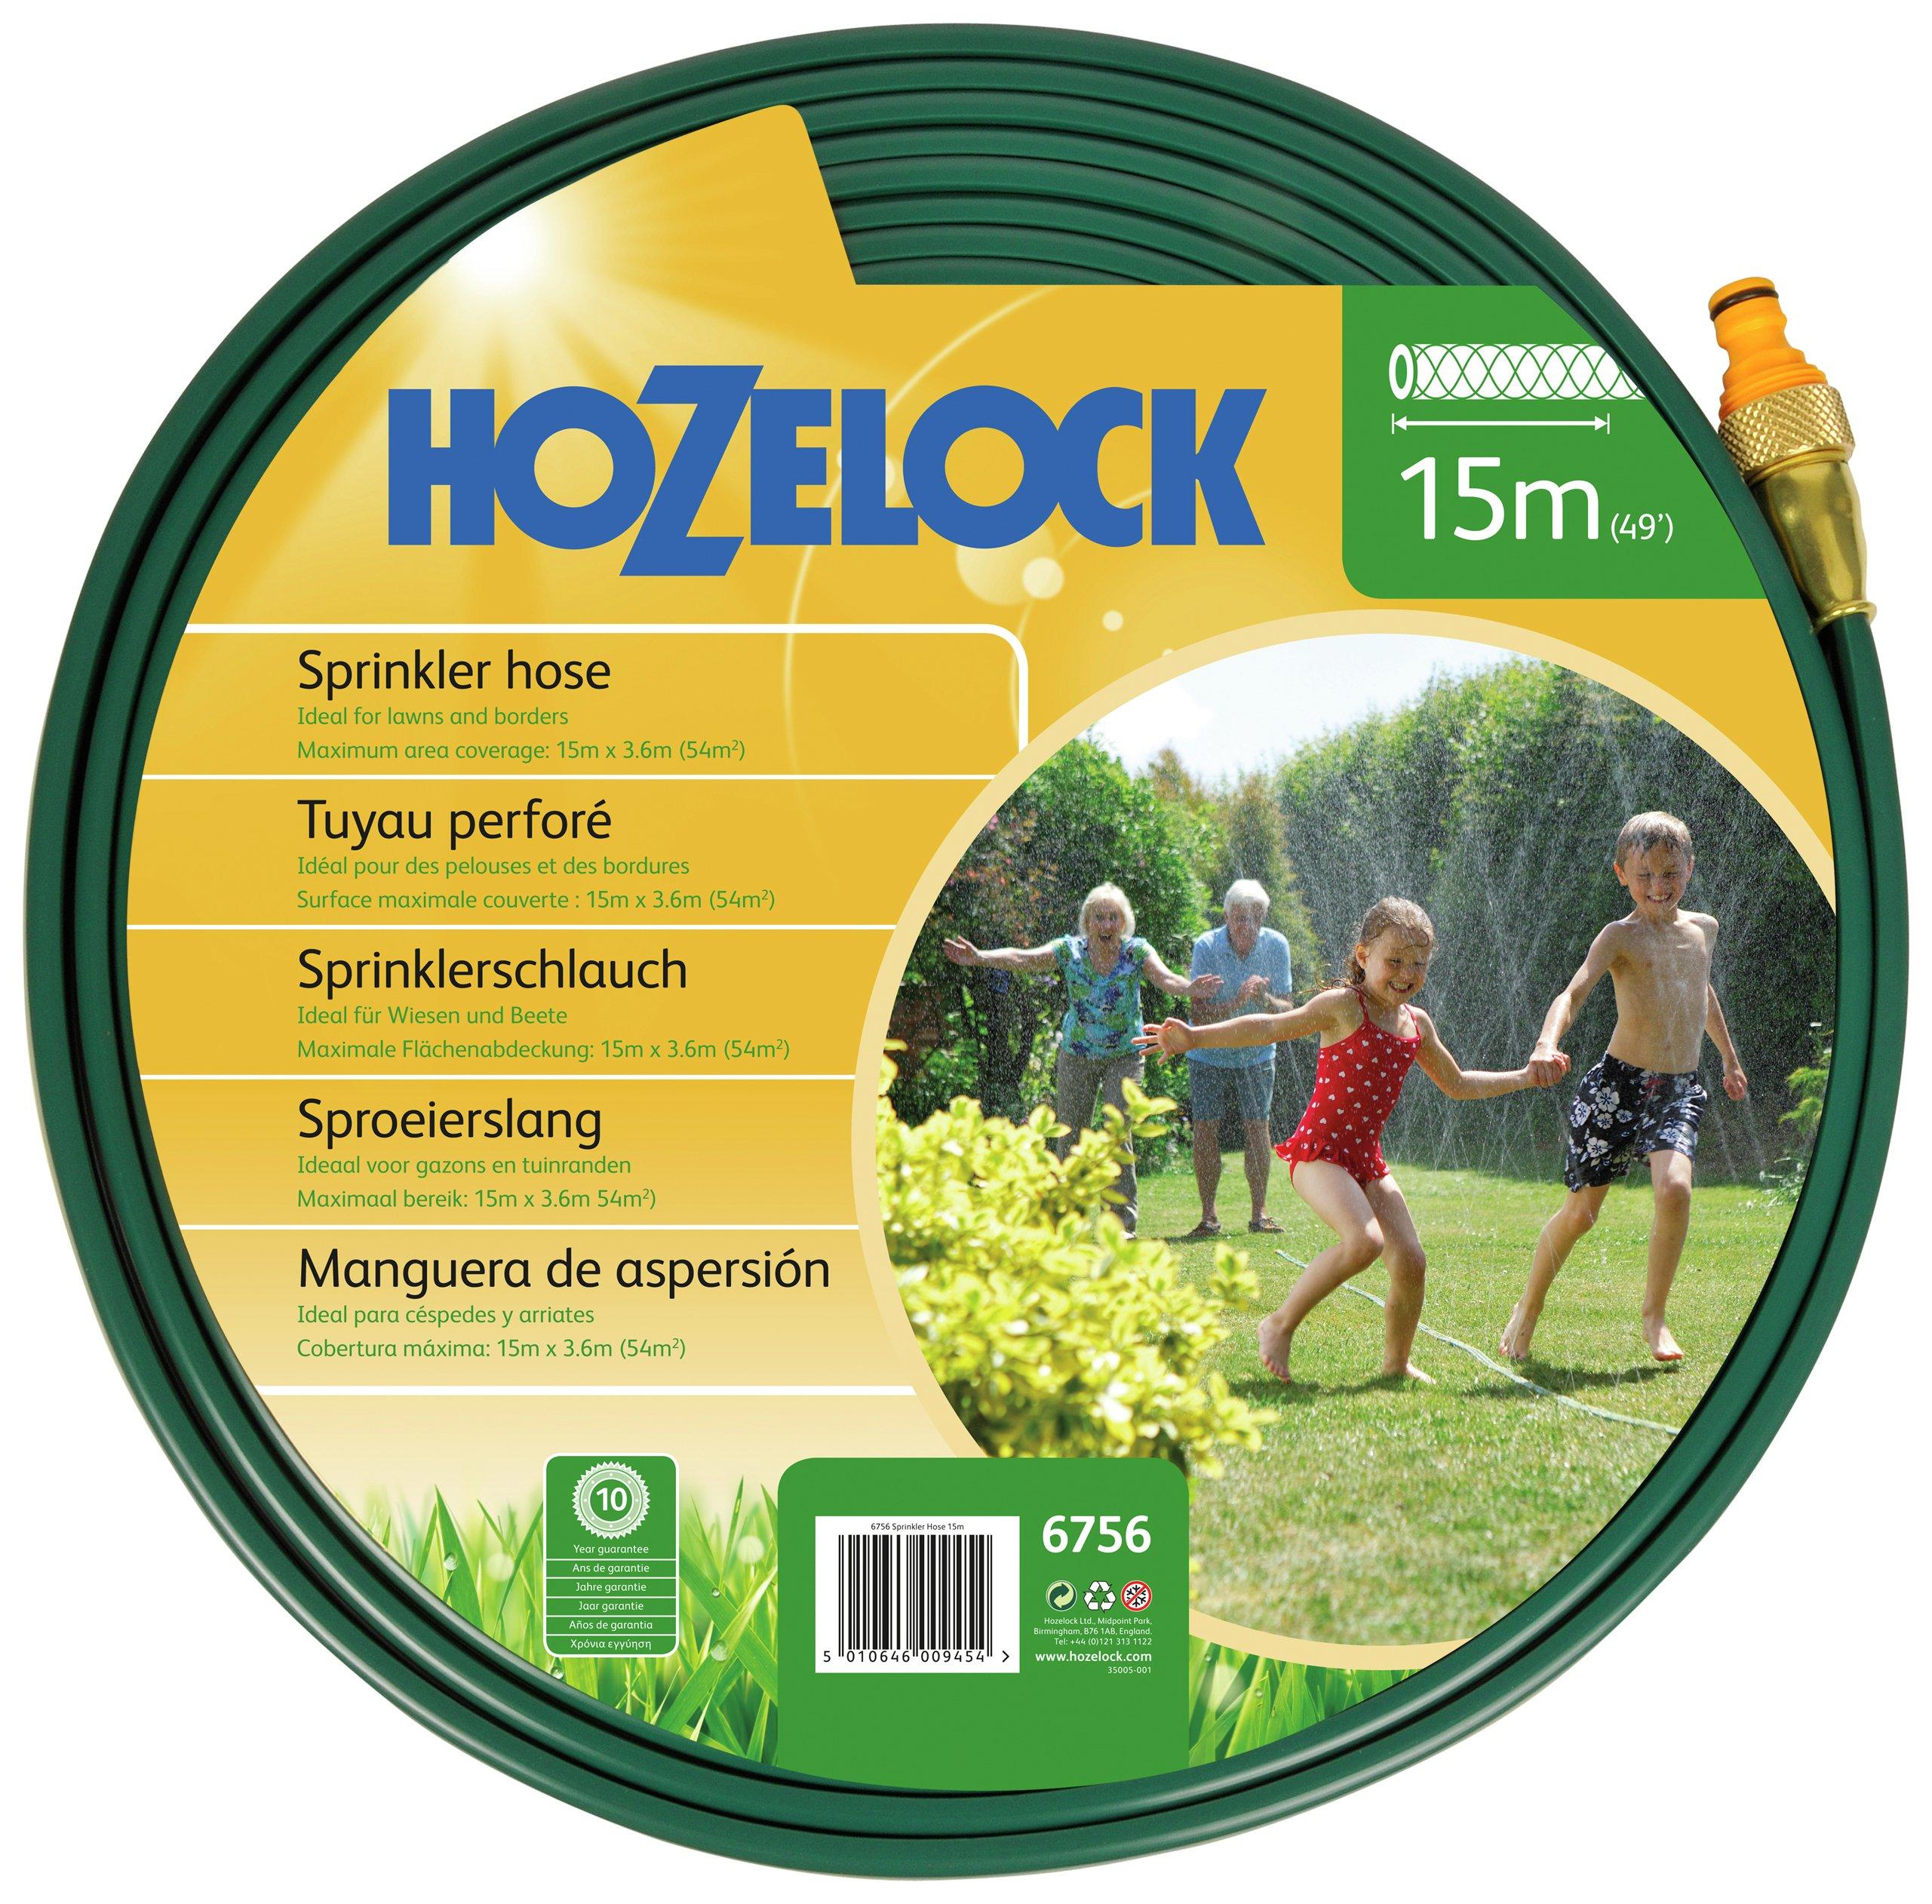 Image of Hozelock 15m Sprinkler Hose.